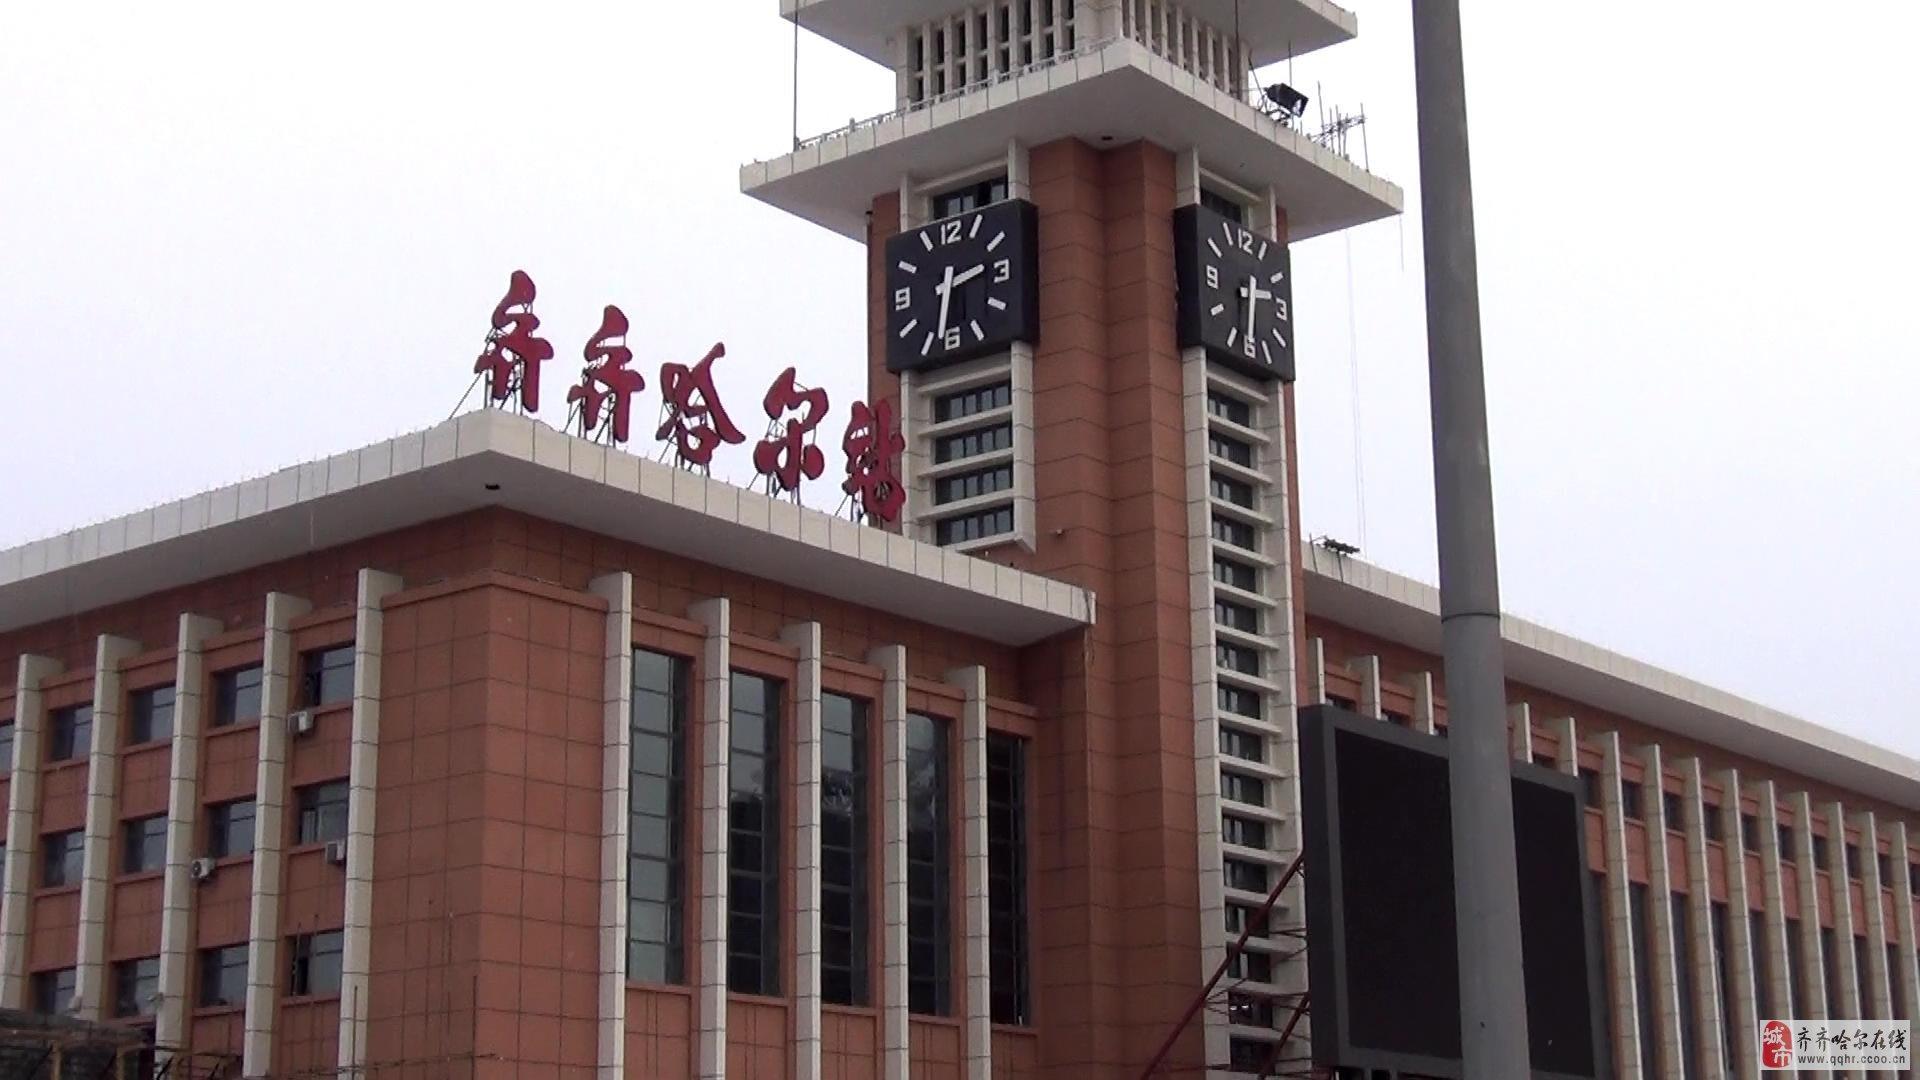 齐齐哈尔火车站两个不守时的大钟 网友爆料